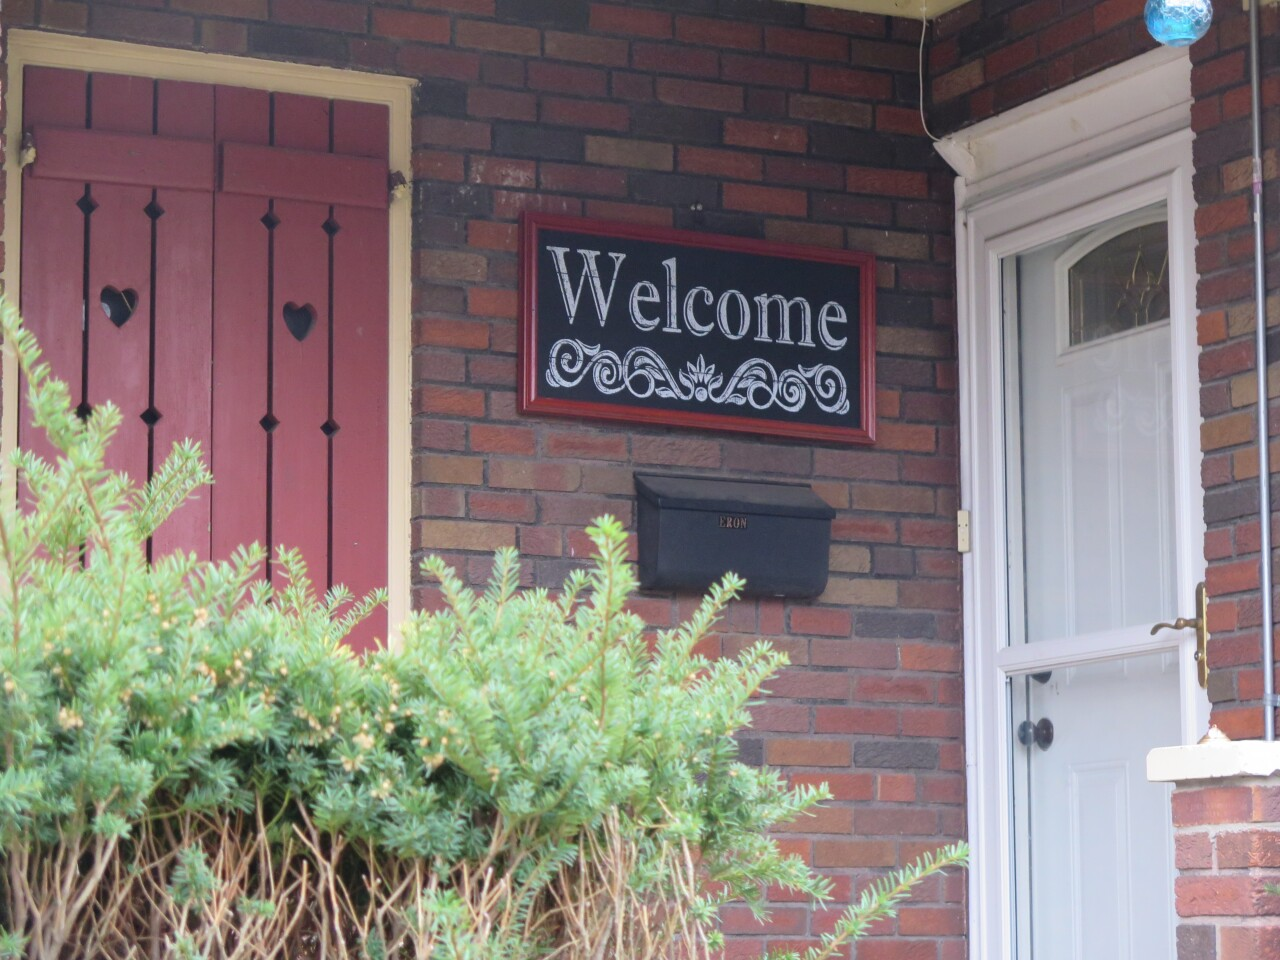 exterior_Grethel_house.JPG